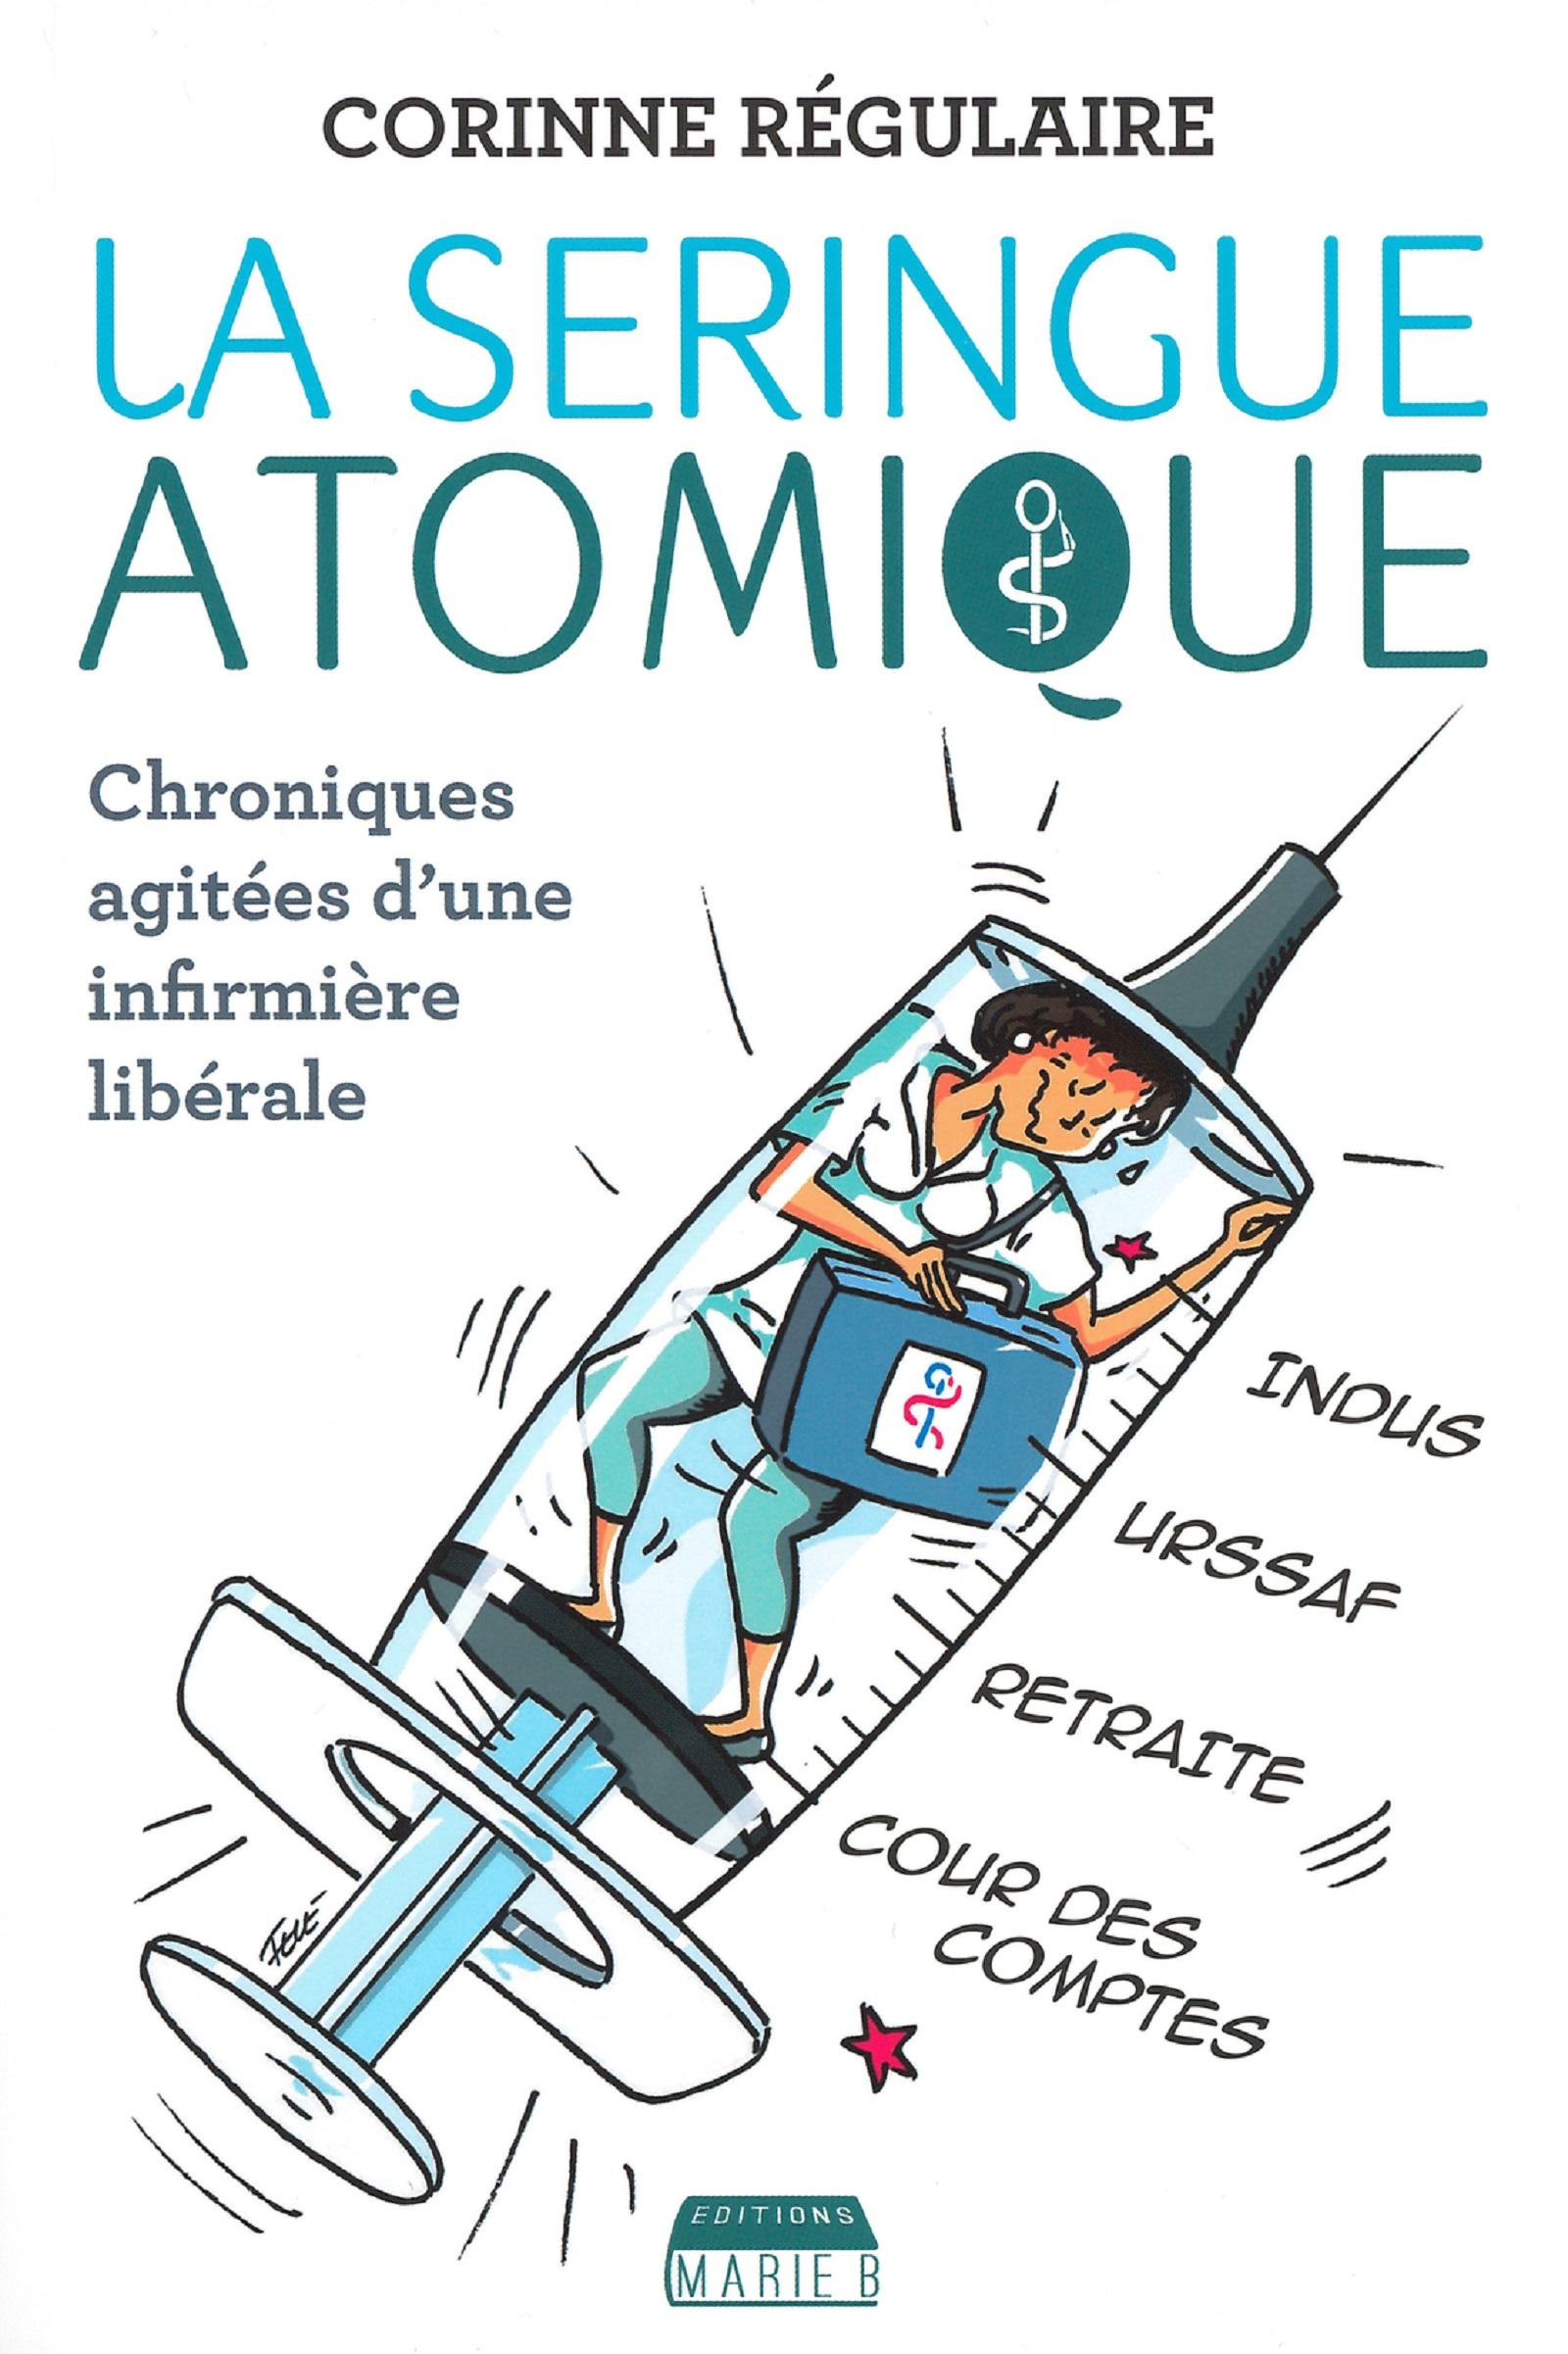 La Seringue atomique, Chroniques agitées d'une infirmière libérale